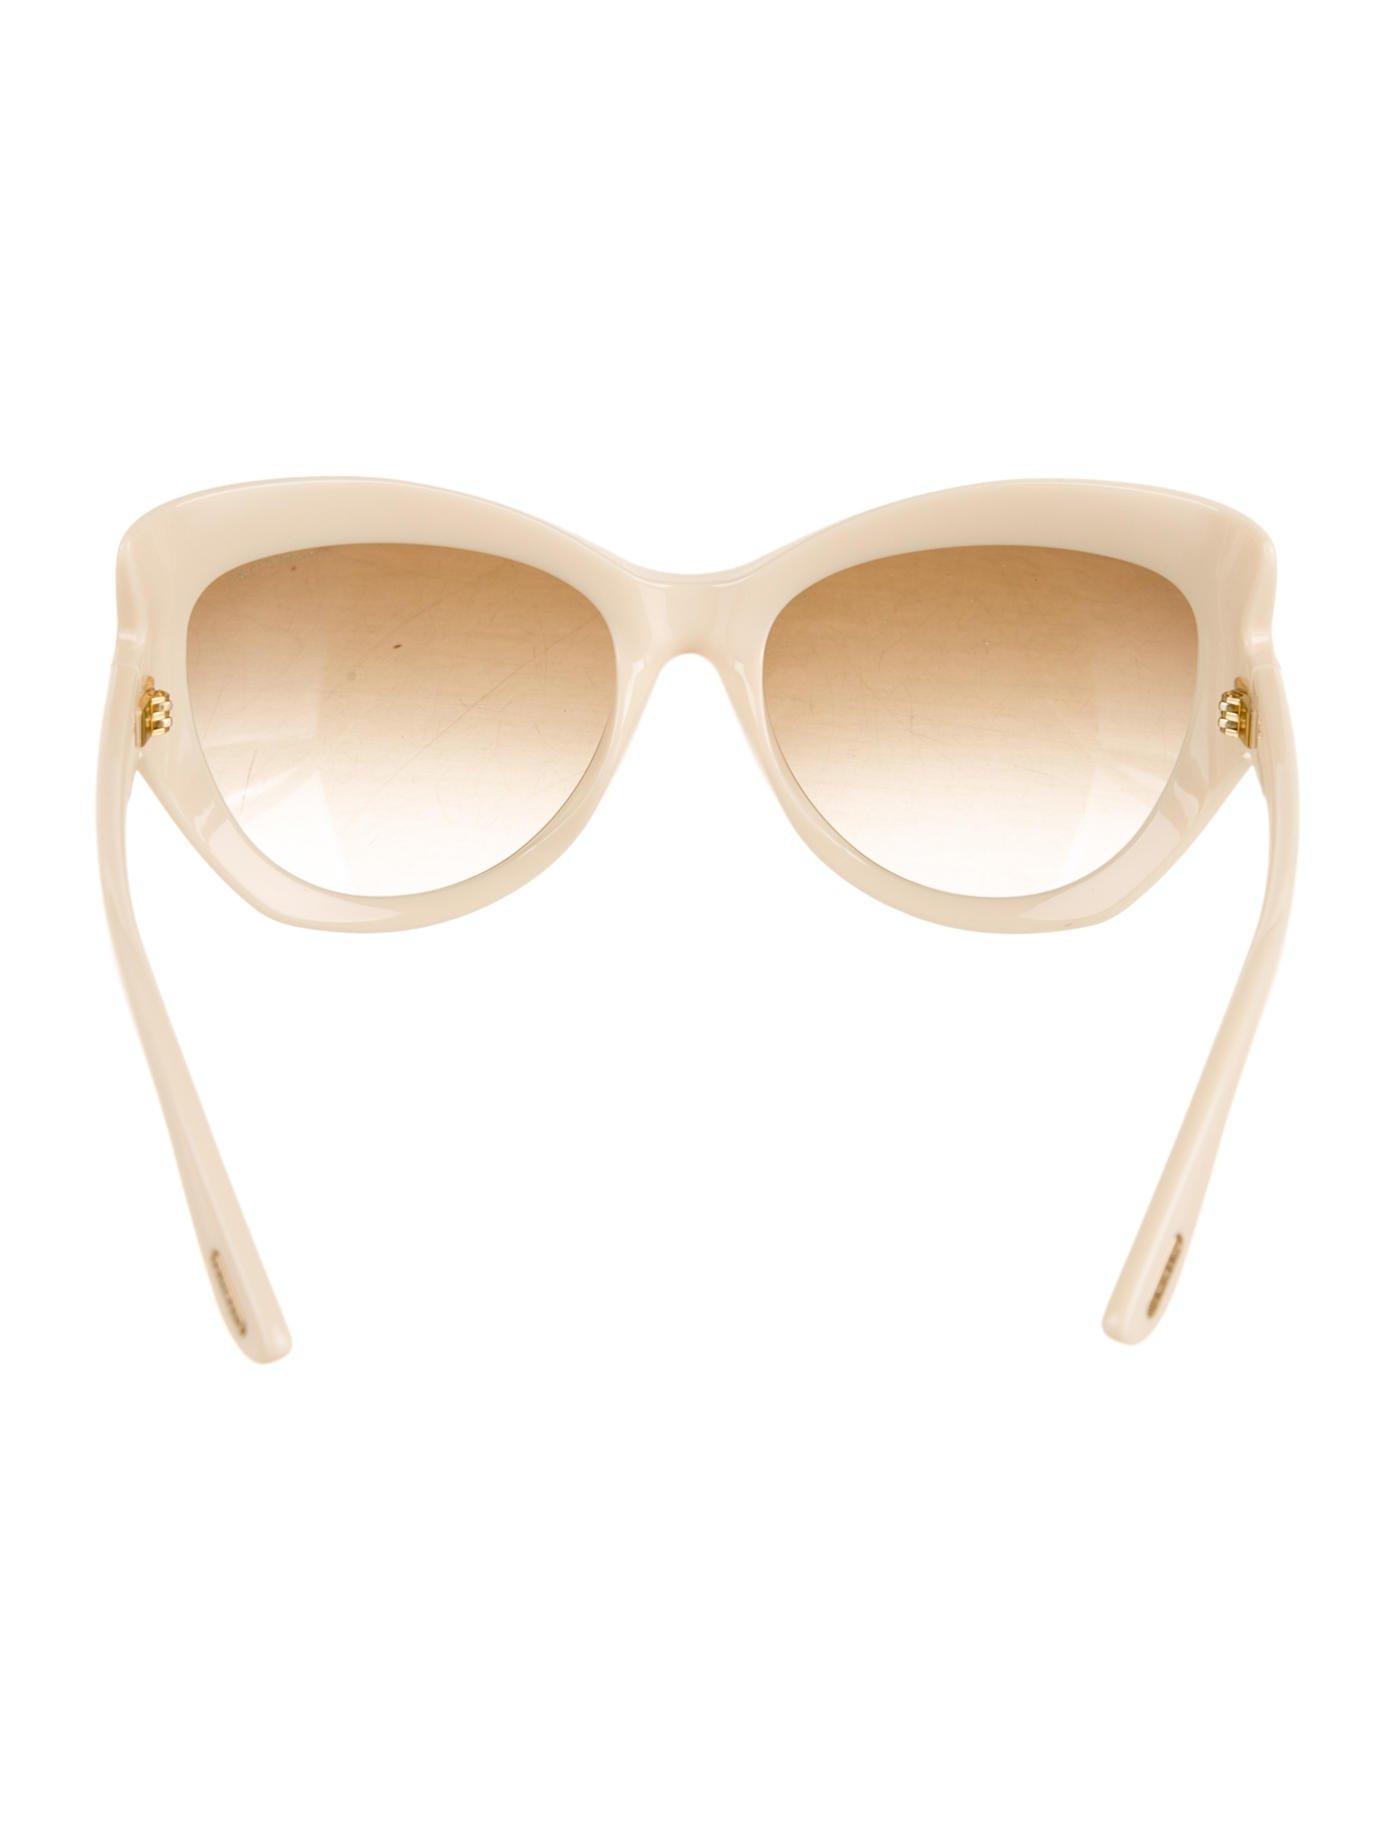 f590f36b3 احدث مجموعة نظارات من tom ford لموسم صيف 2017 | الراقية